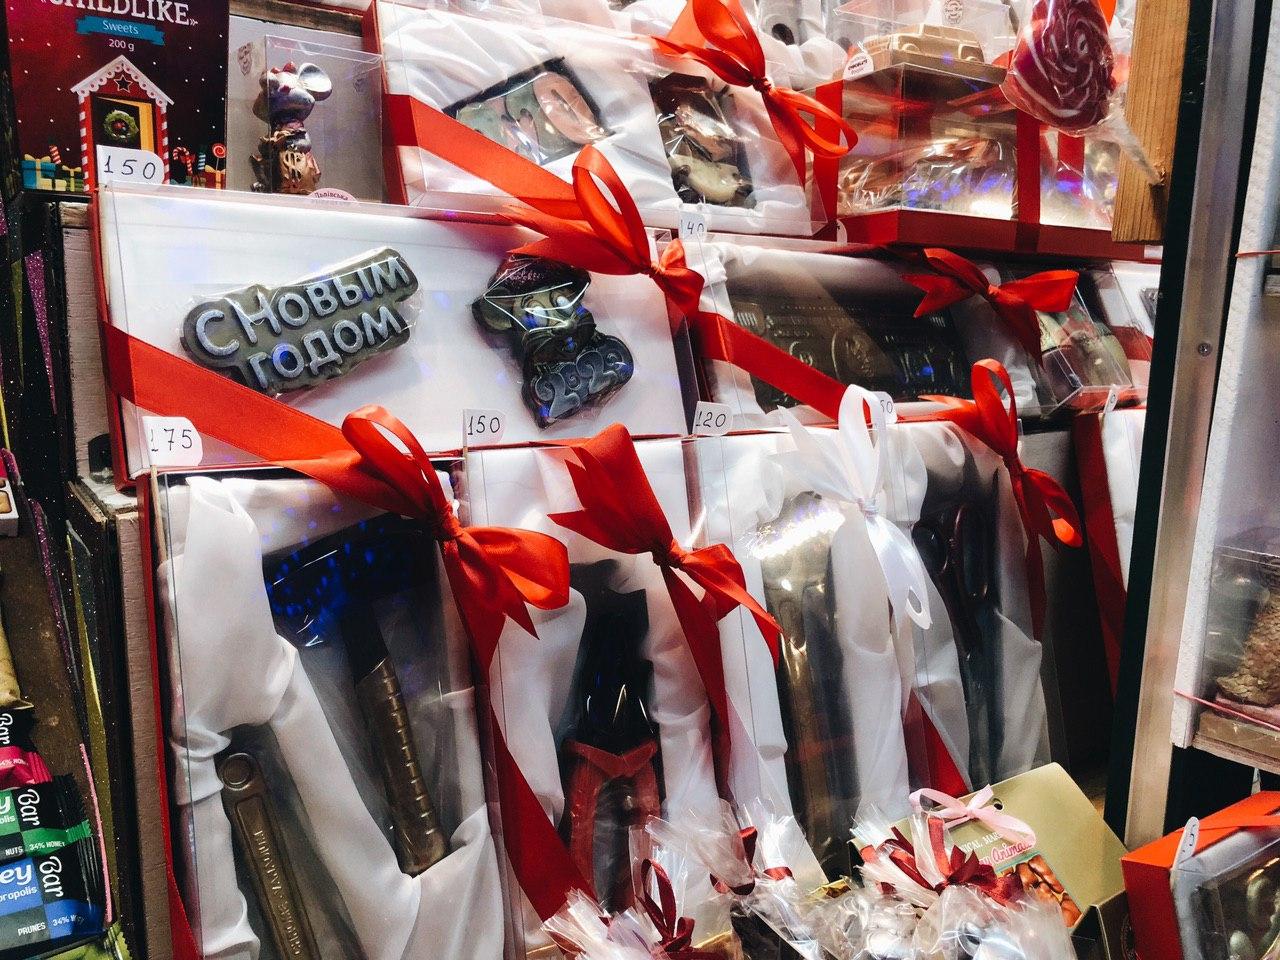 А это все шоколадные наборы, которые можно презентовать, например, папе или дедушке